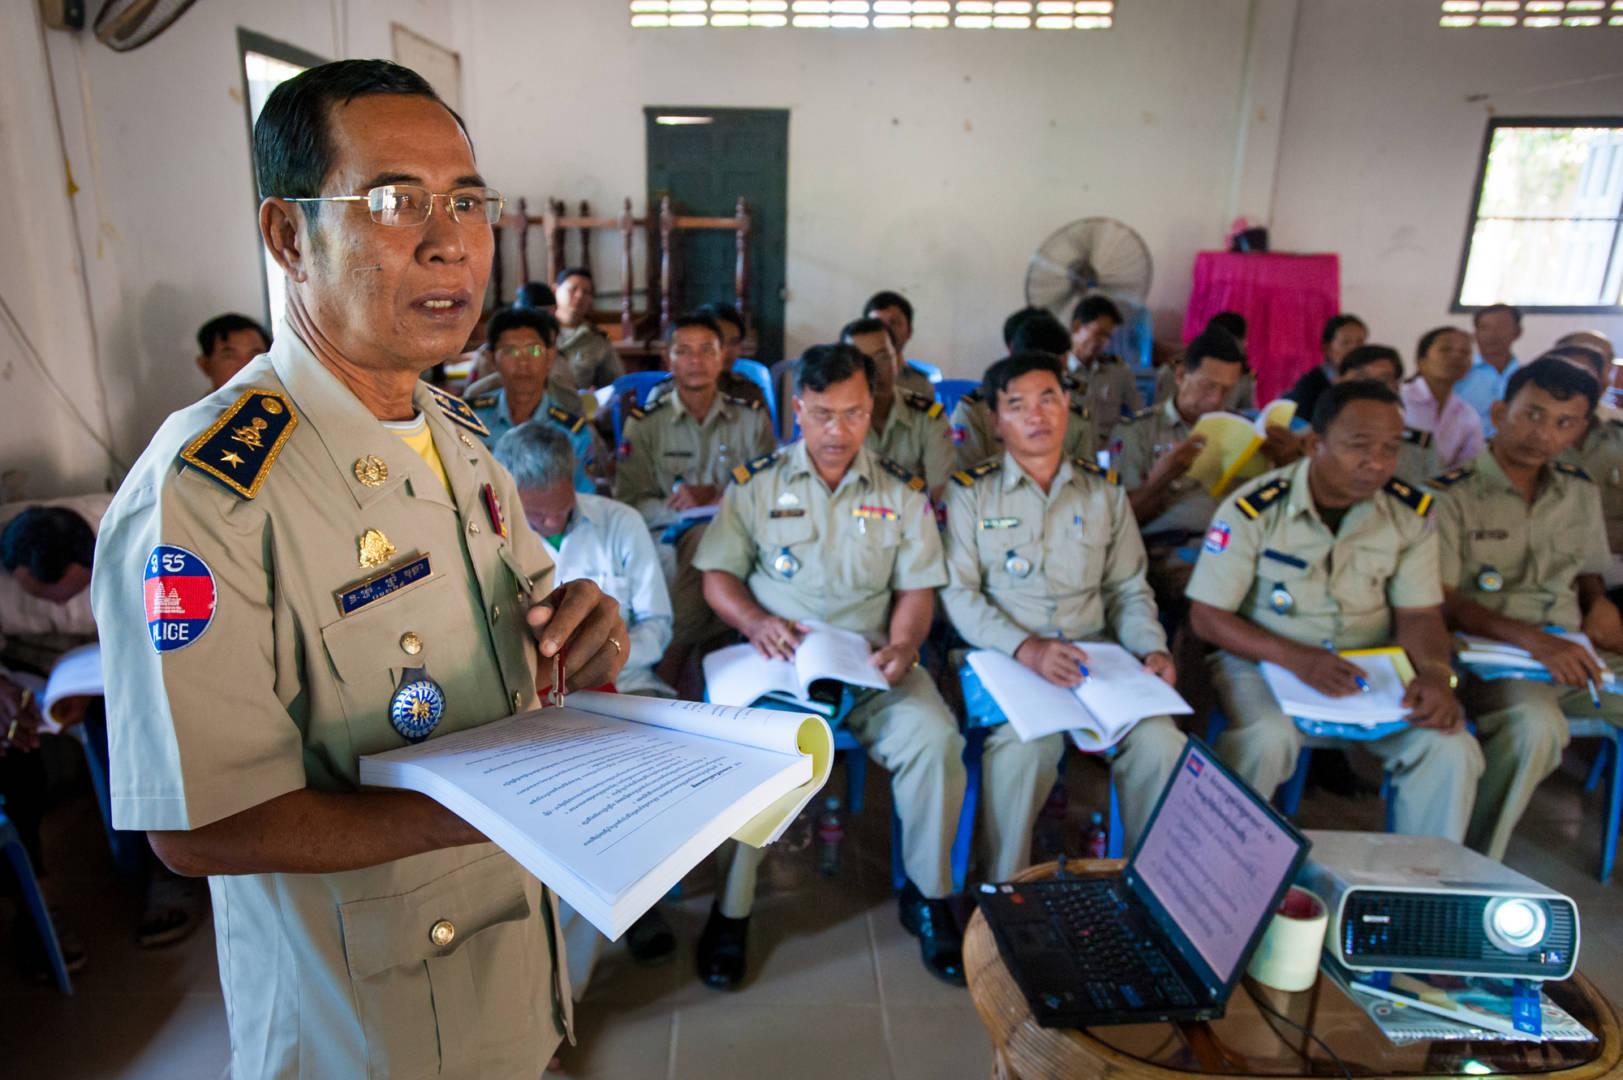 Saving Savoeun: Protecting children from trafficking in Cambodia